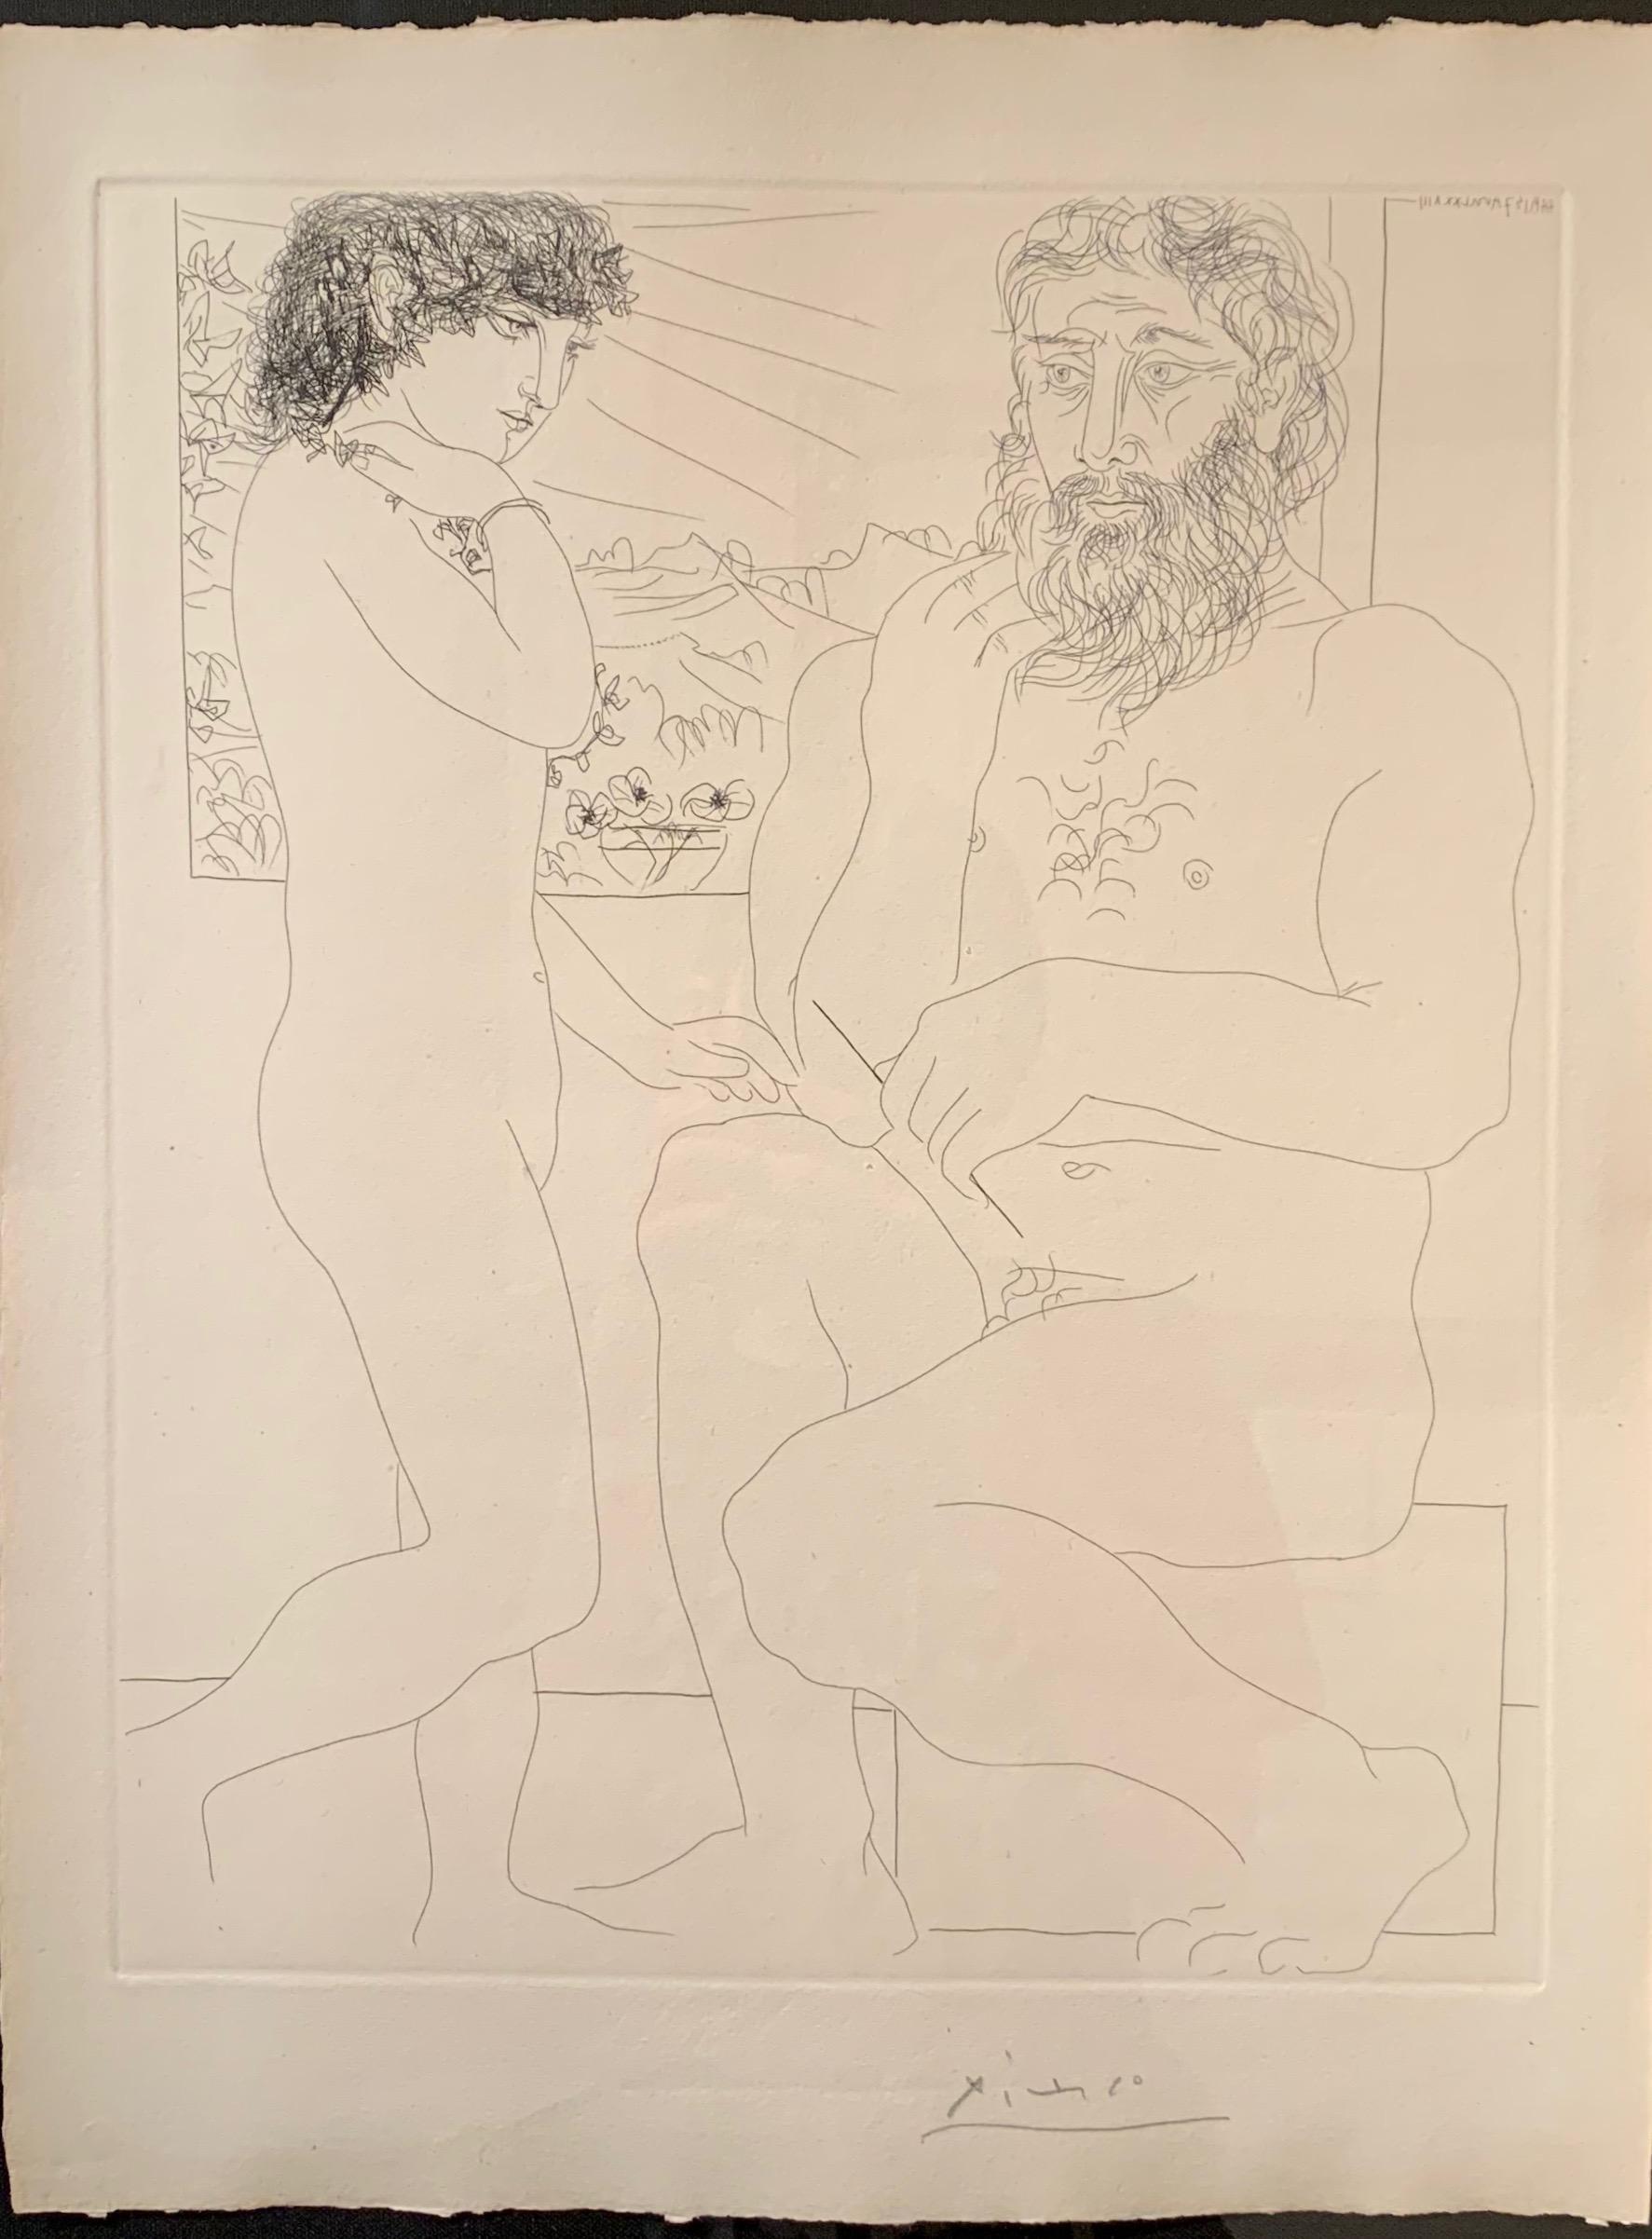 Pablo Picasso, Sculpteur et Modele debout, etching